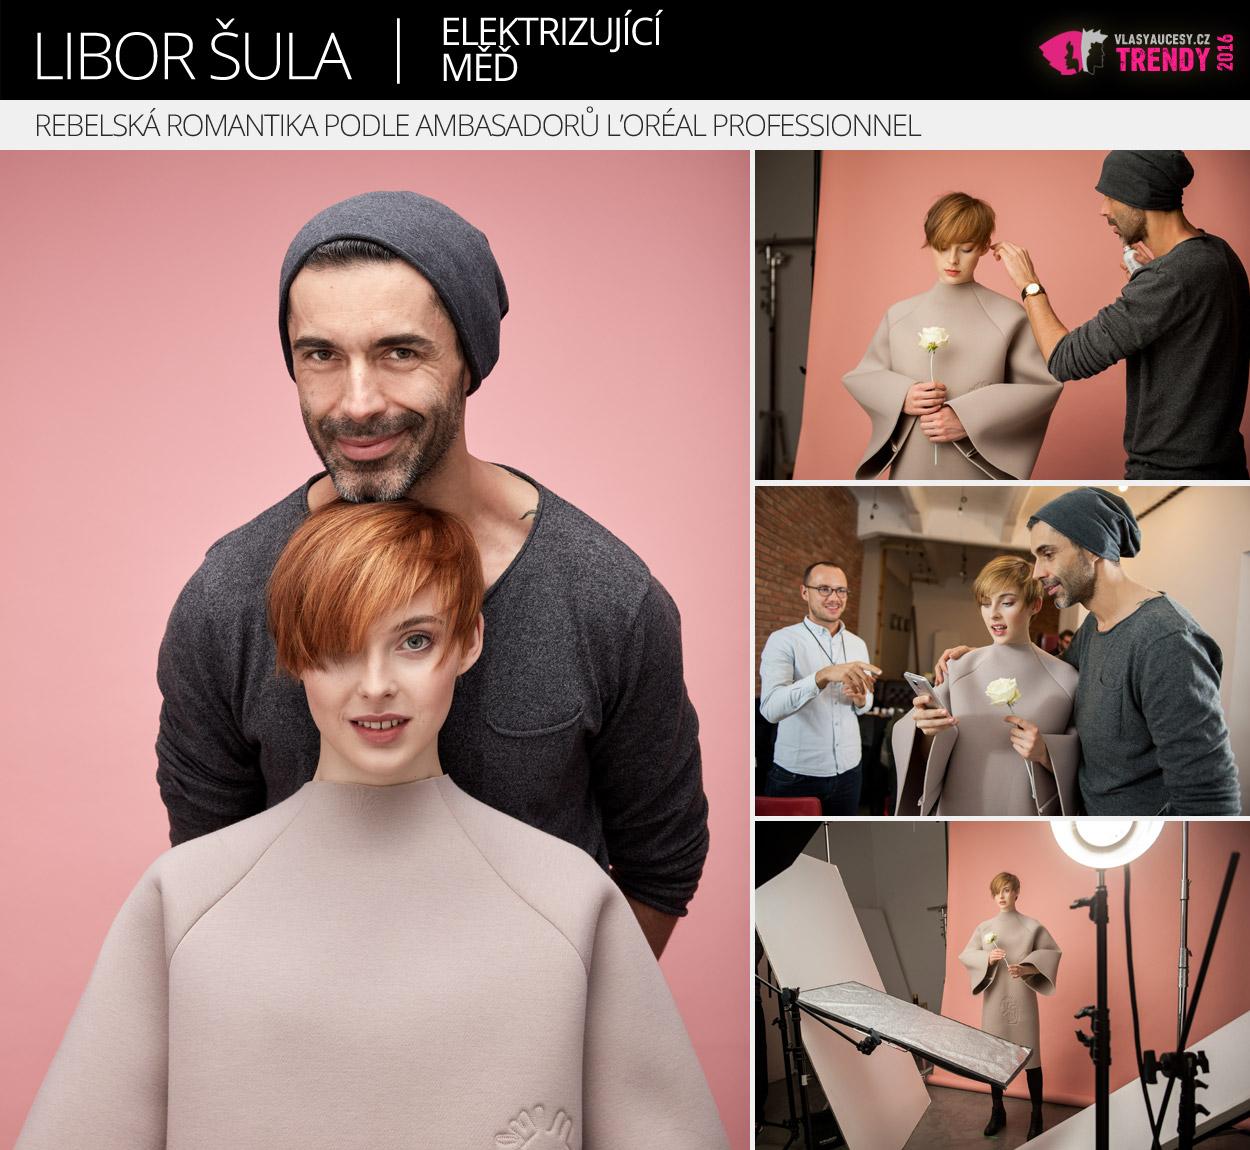 Ambasador L'Oréal Professionnel: Libor Šula